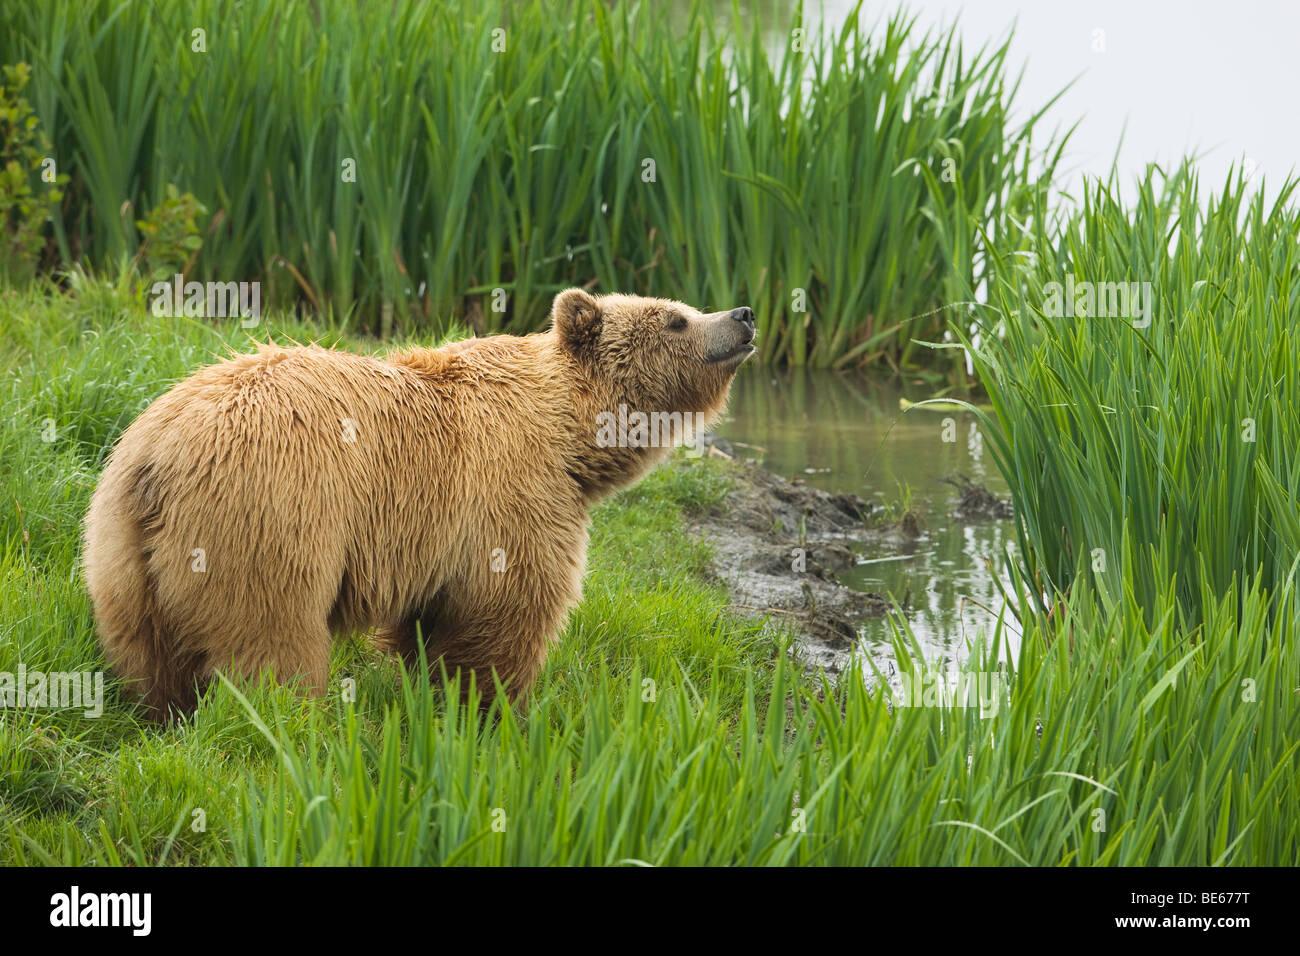 L'ours brun (Ursus arctos) debout au bord de l'eau tout en reniflant l'air. Photo Stock